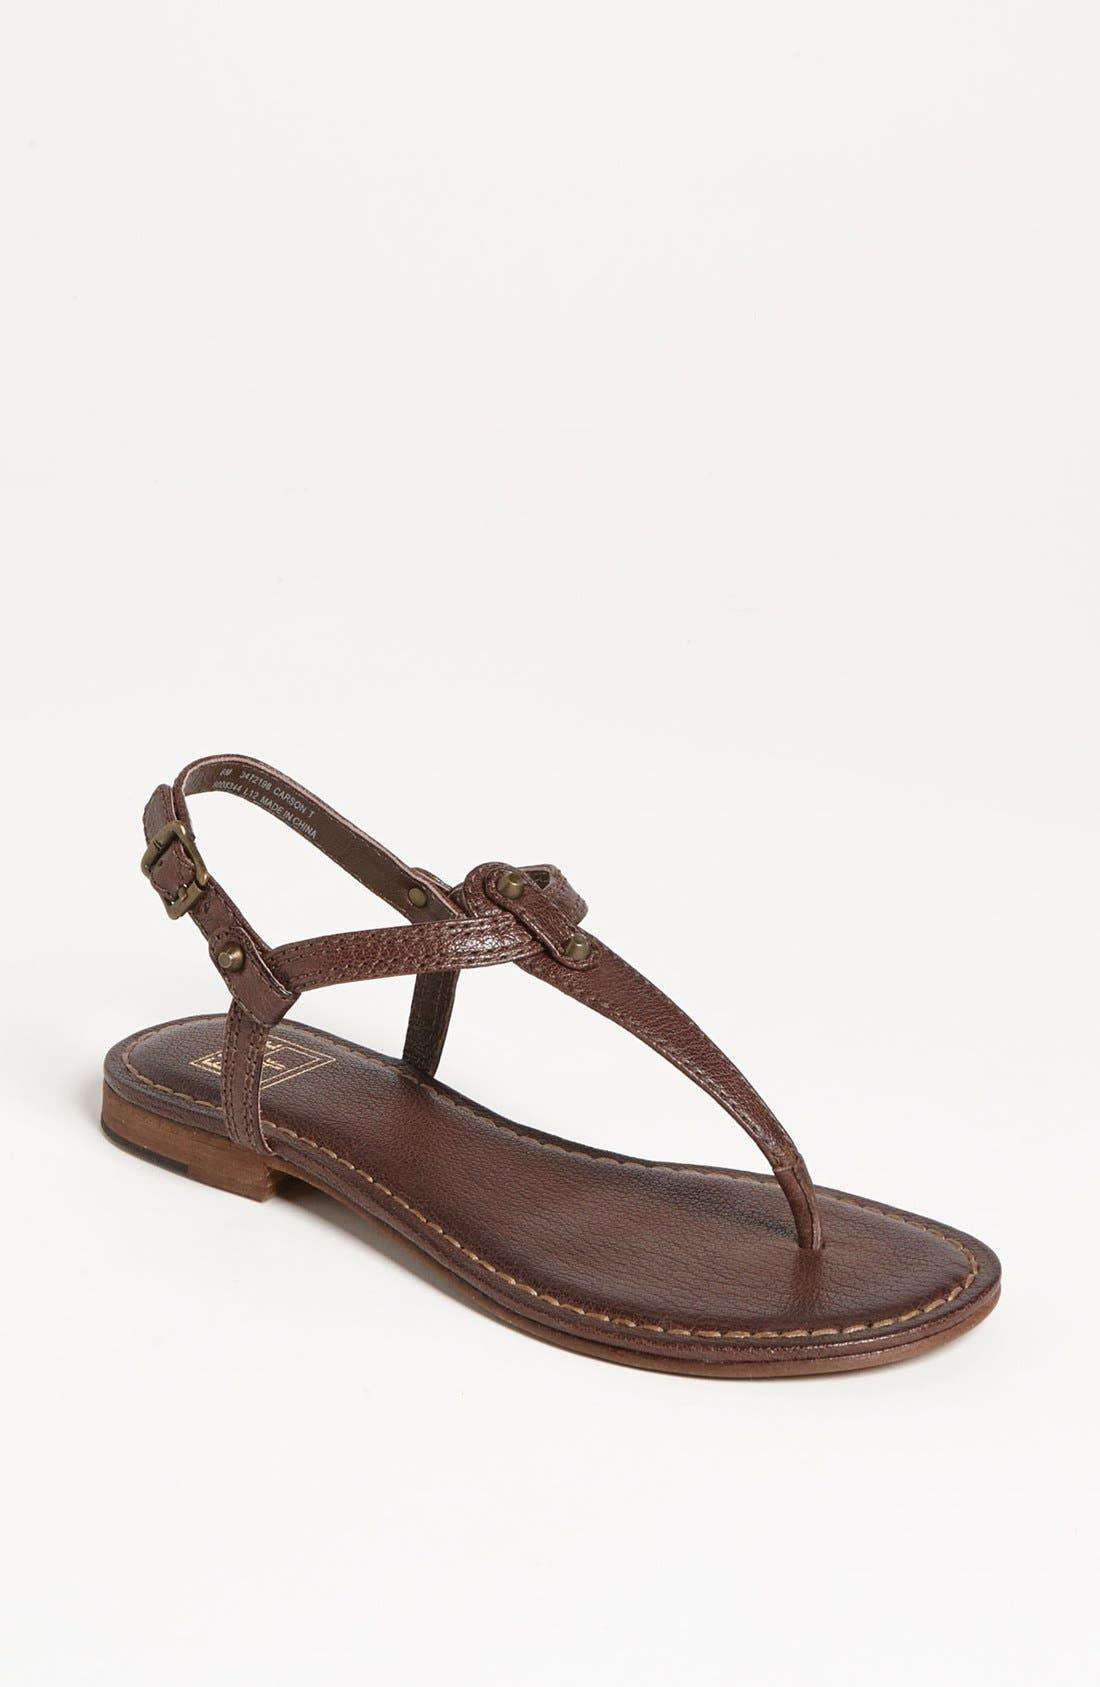 Alternate Image 1 Selected - Frye 'Carson' Sandal